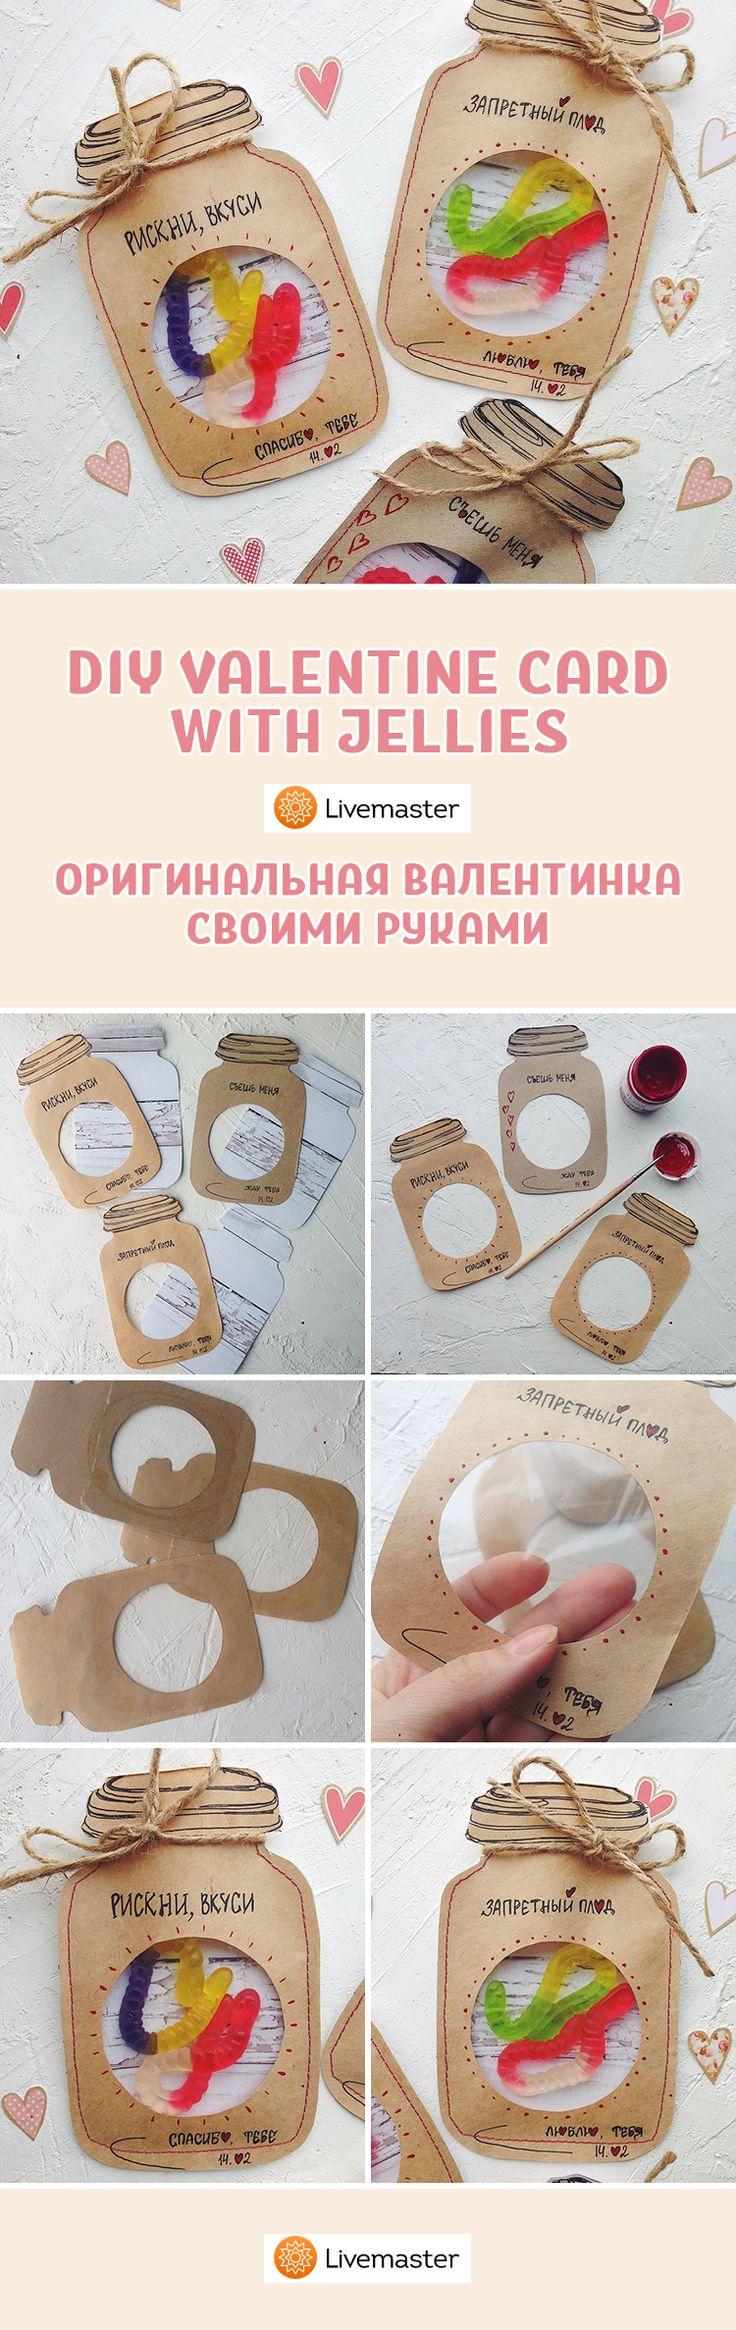 DIY Valentine's Day Greeting Card   Валентинки на раз-два-три: готовим оригинальные подарки ко Дню всех влюбленных